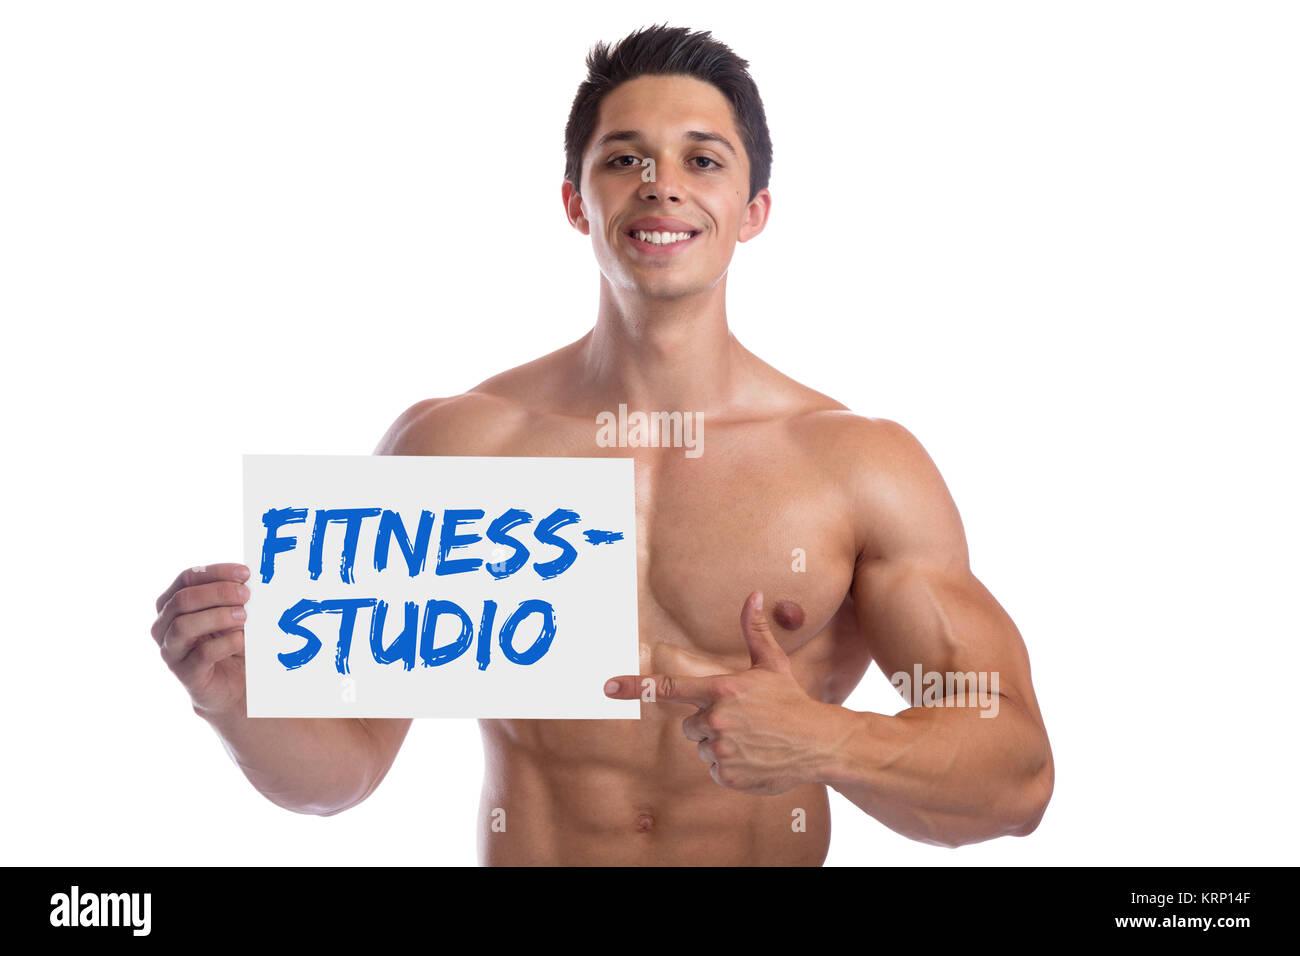 Bodybuilding culturista muscoli studio fitness Palestra scudo edificio corpo uomo muscoloso Immagini Stock